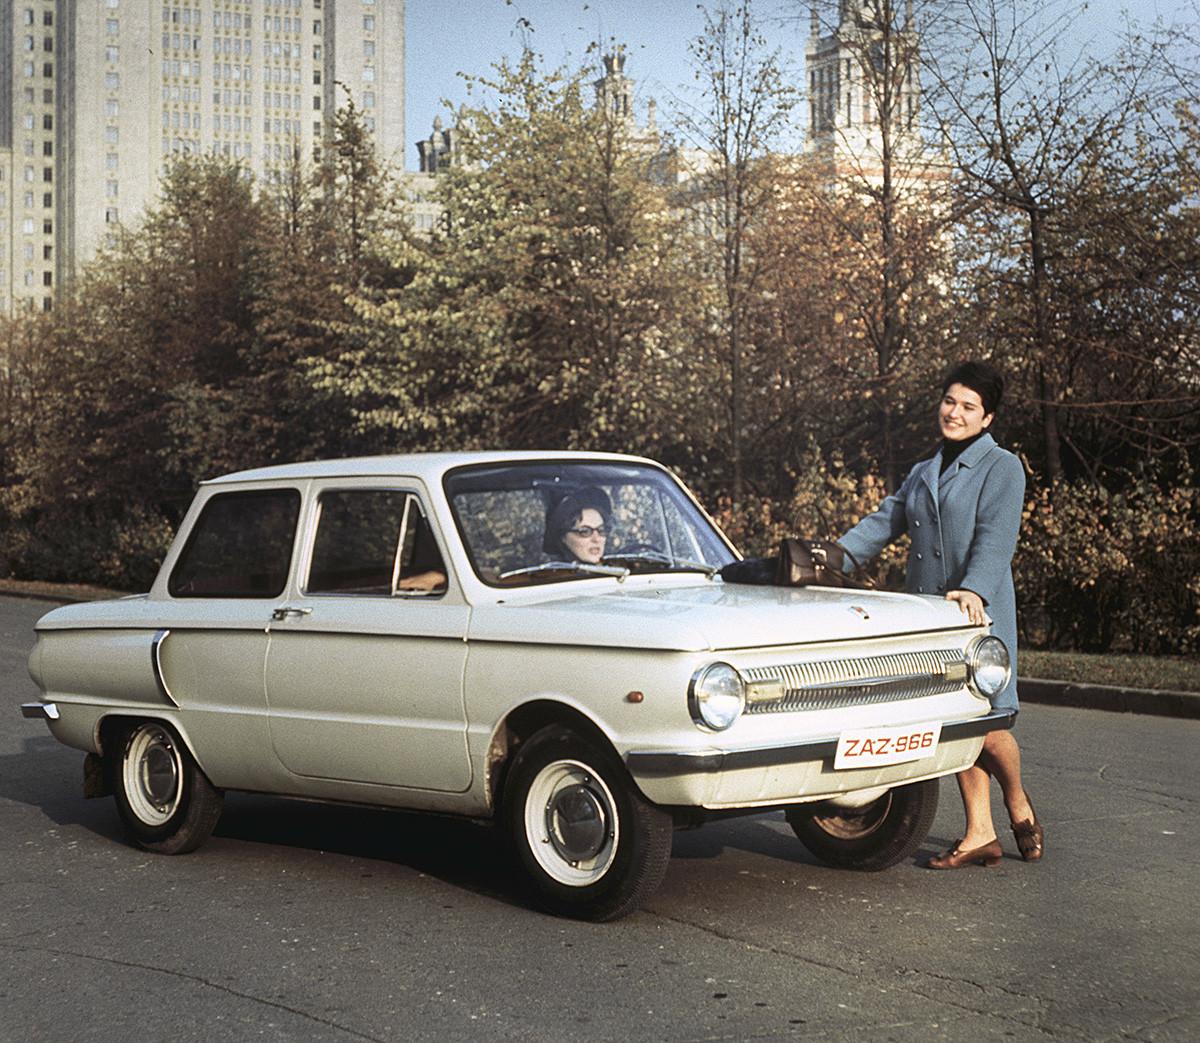 Coches ZAZ-966 de la Fábrica de Automóviles Zaporozhie (conocido simplemente como Zaporozhets), 1970